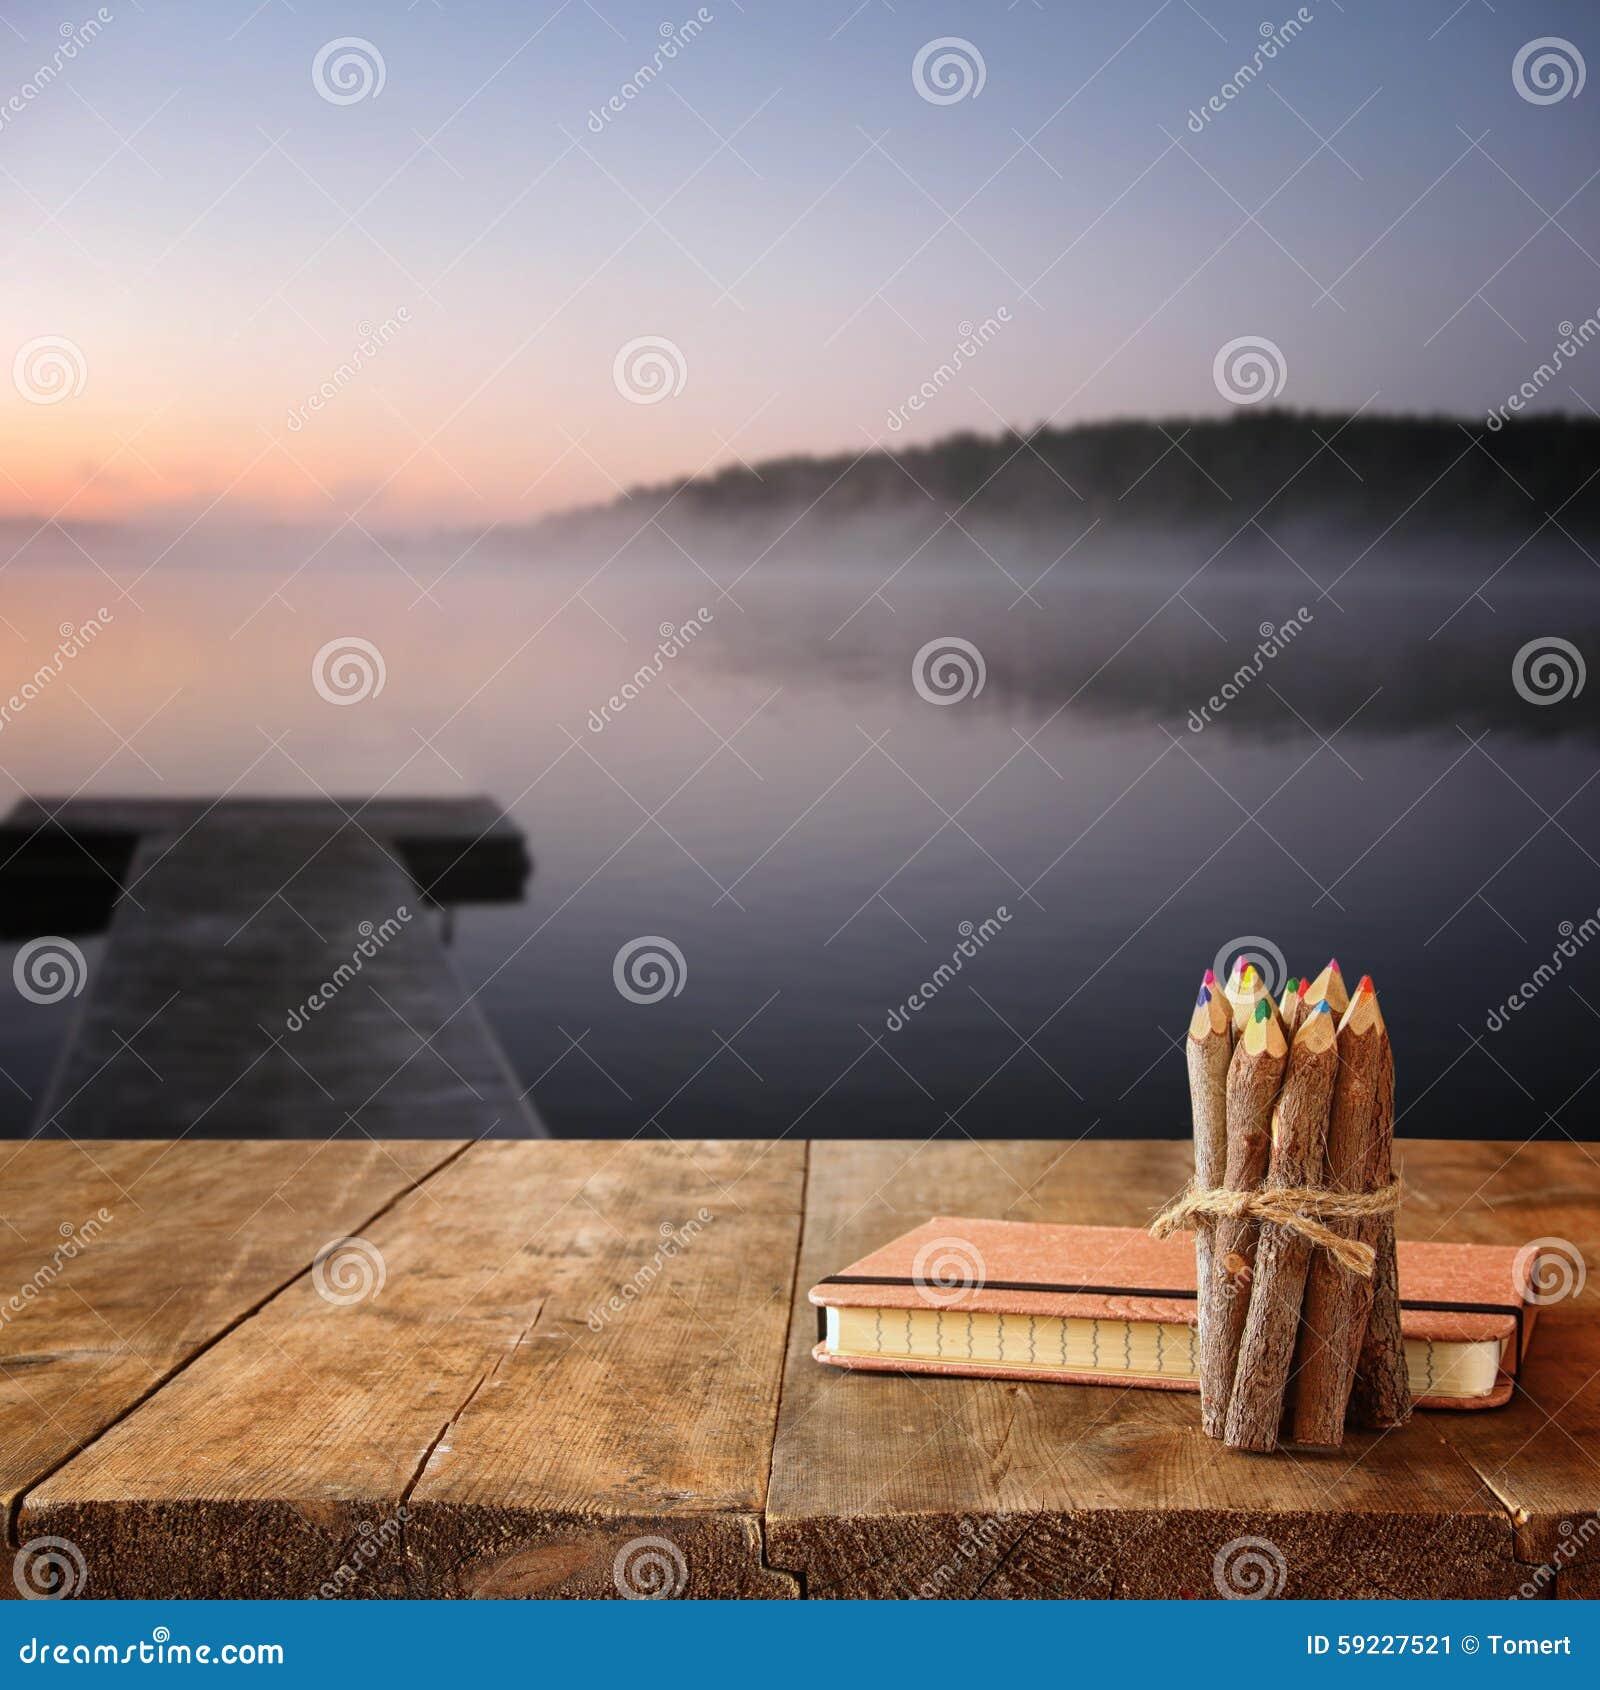 Download Cuaderno Del Vintage Y Pila De Lápices Coloridos De Madera En La Tabla De Madera De La Textura Delante De La Opinión De Niebla Tr Imagen de archivo - Imagen de gráfico, pintor: 59227521